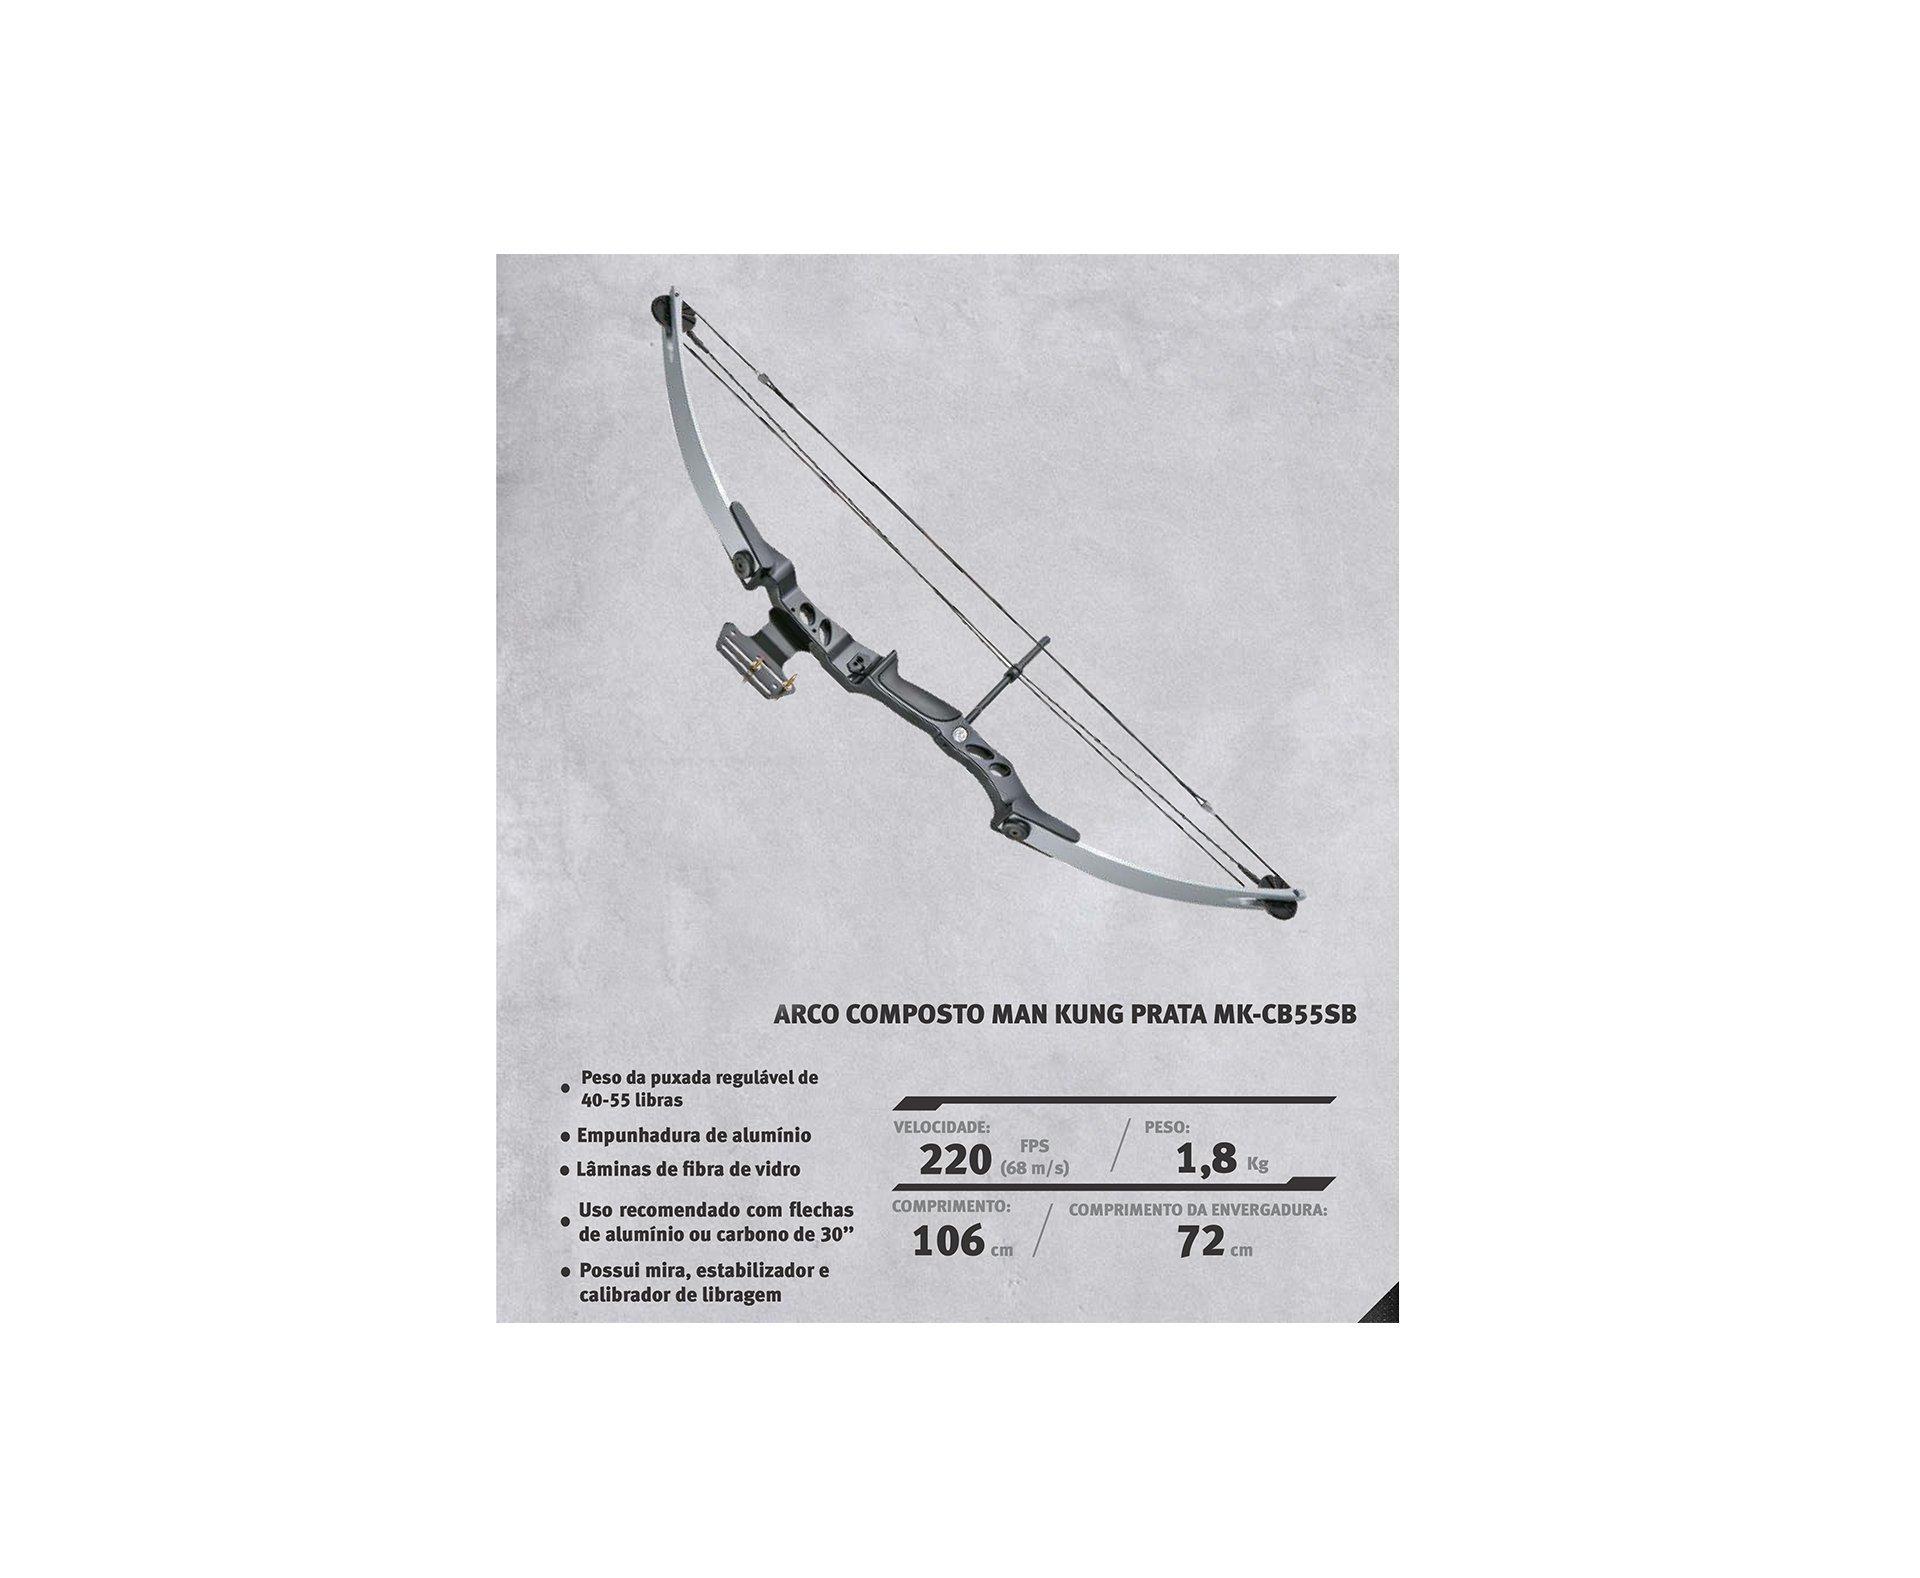 Arco Composto Prata Mk-cb55sb 40-55 Libras - Man Kung